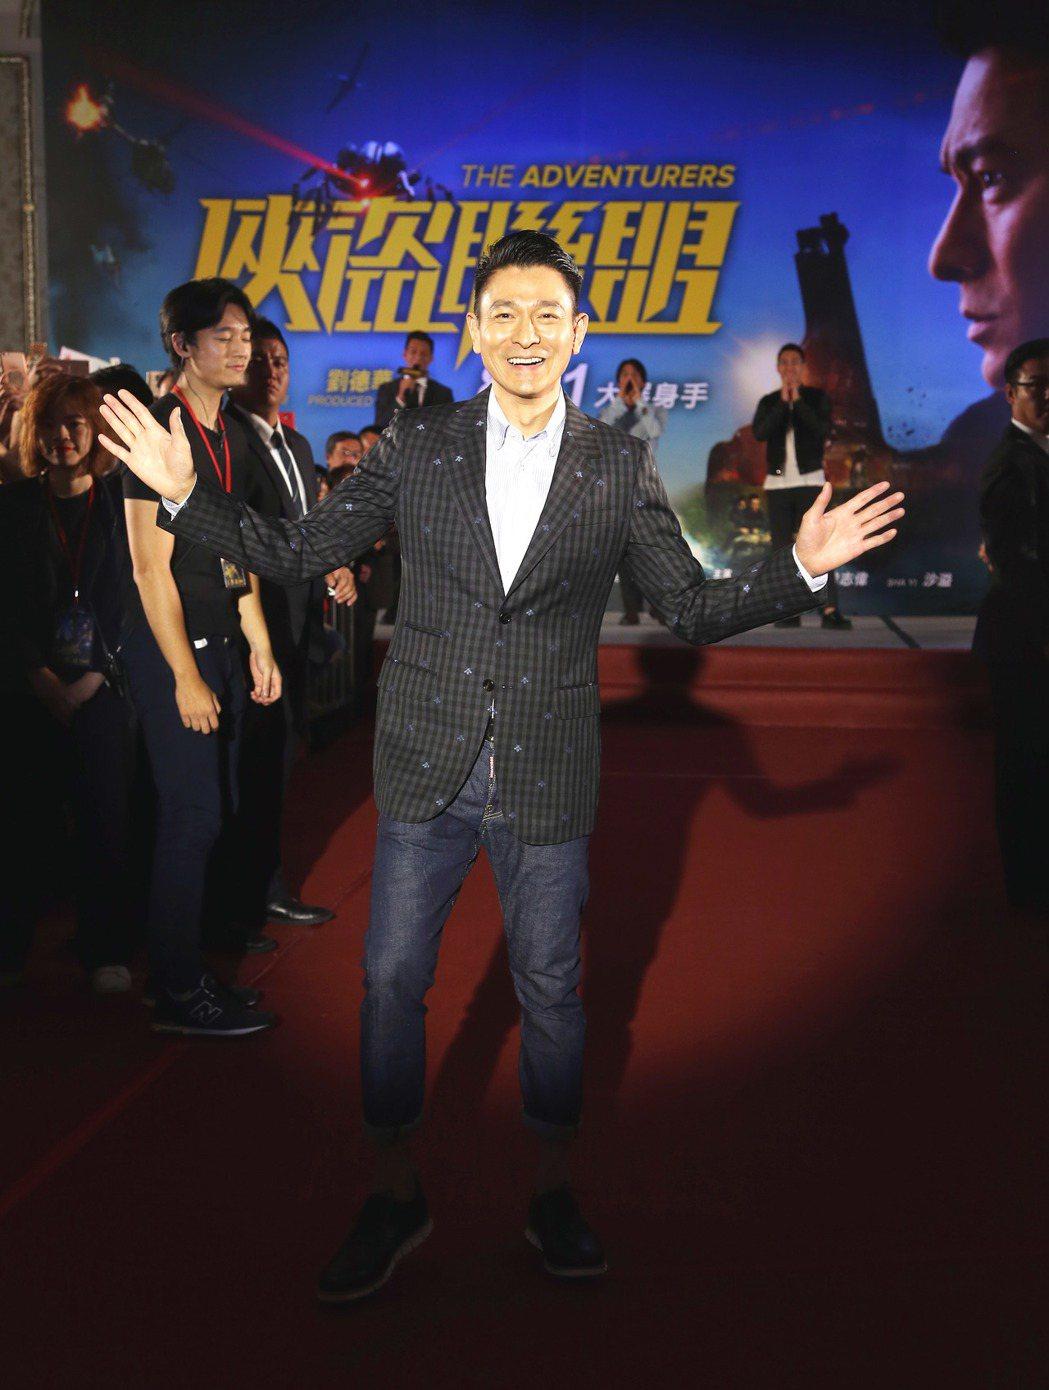 劉德華出席俠盜聯盟映前見面會,與粉絲互動。記者陳瑞源/攝影